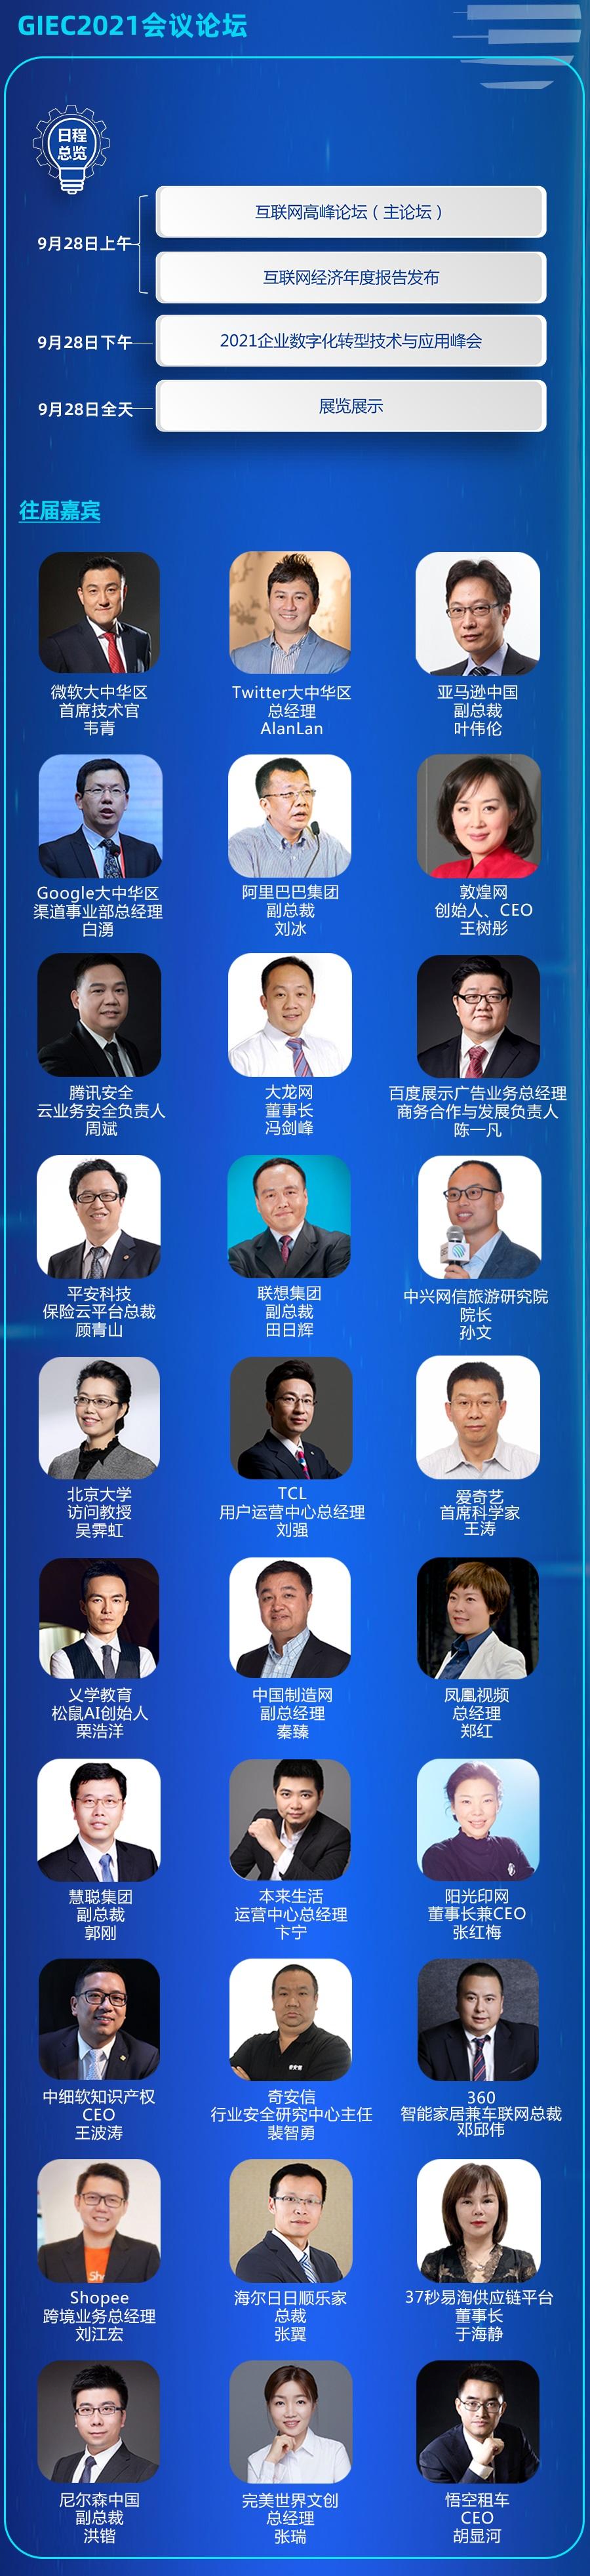 2021第八届全球互联网经济大会3.jpg